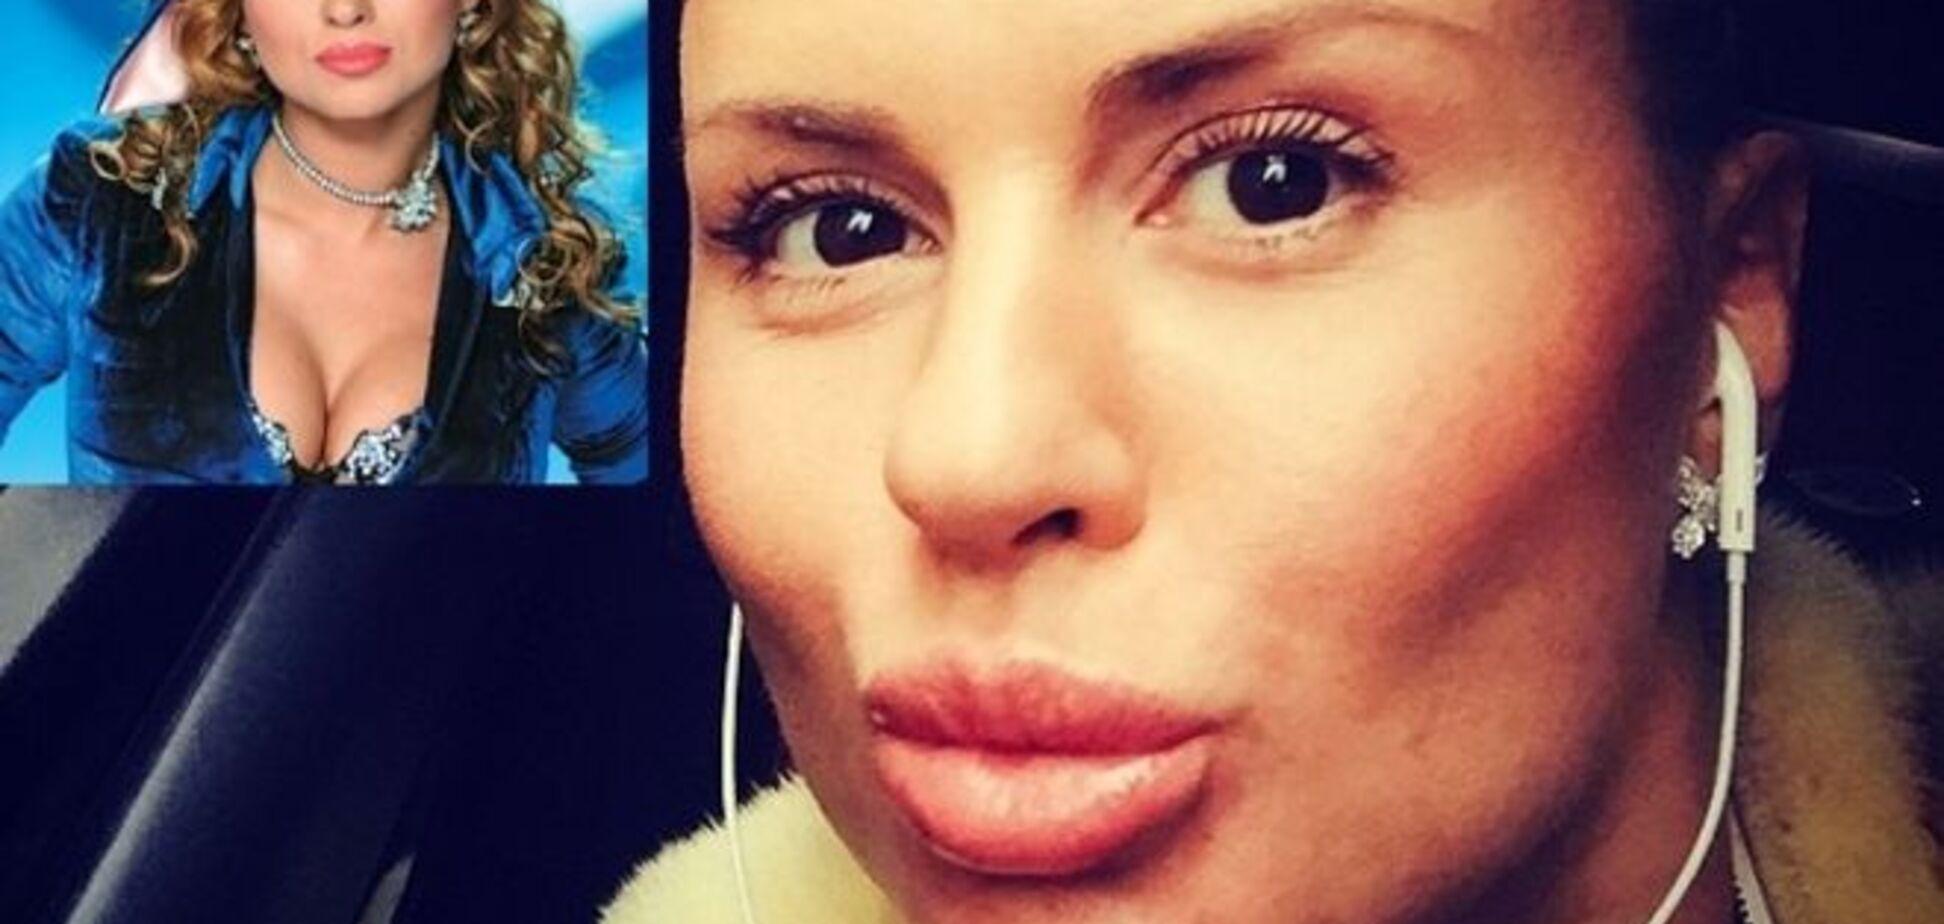 Анна Семенович показала 'мордаху' без макияжа и 'плоский' живот